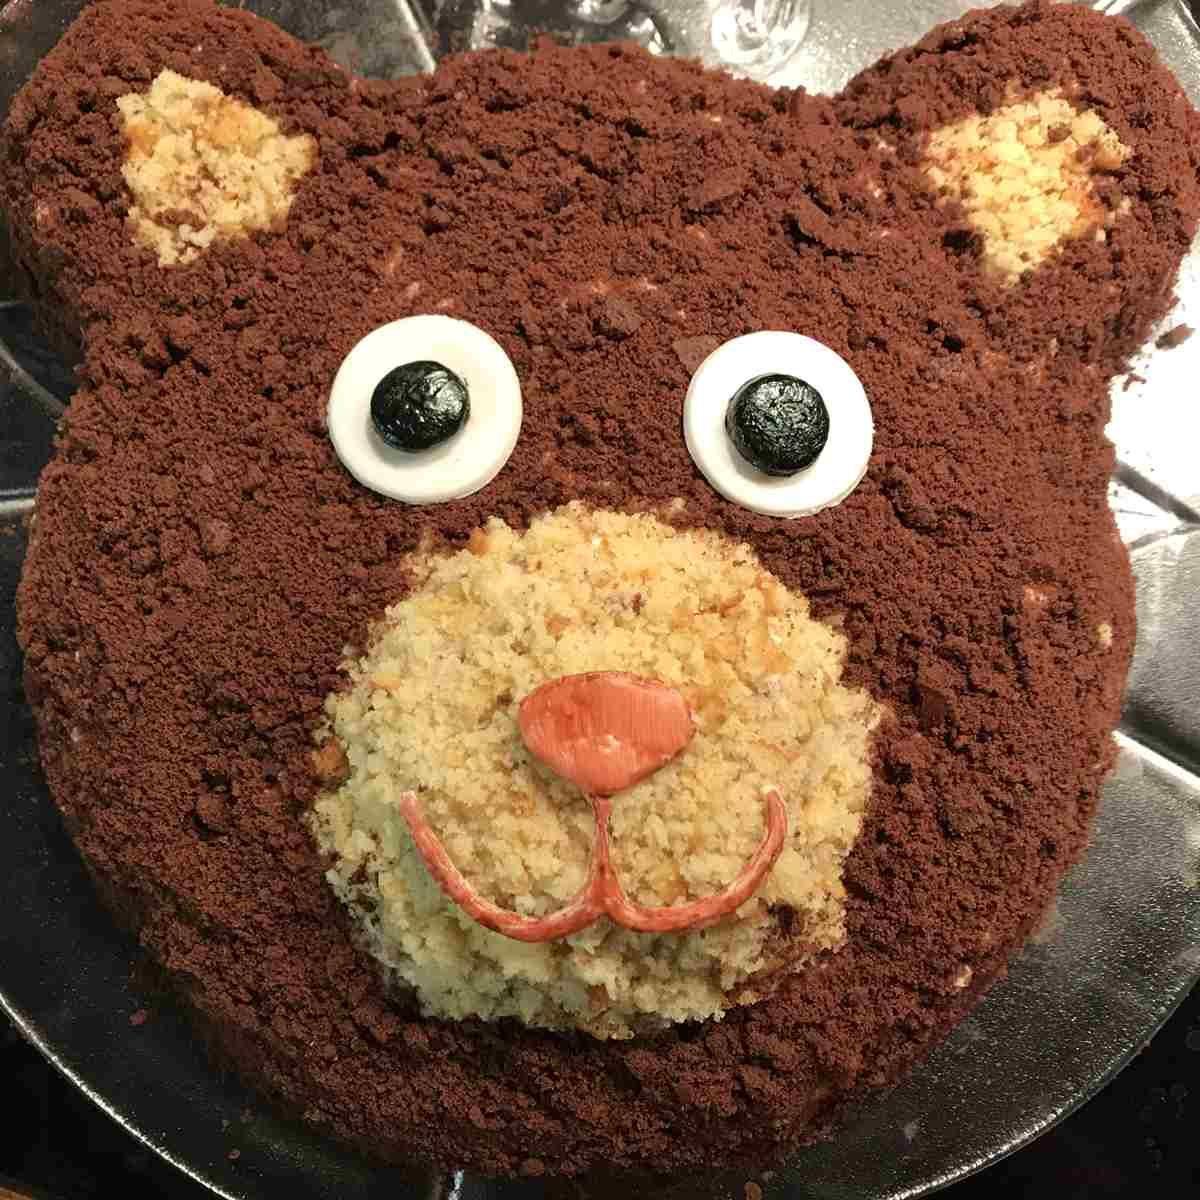 Motivtorte Bar Zum Kindergeburtstag Mama Maus Blog Kuchen Ohne Backen Kuchen Kindergeburtstag Motivtorte